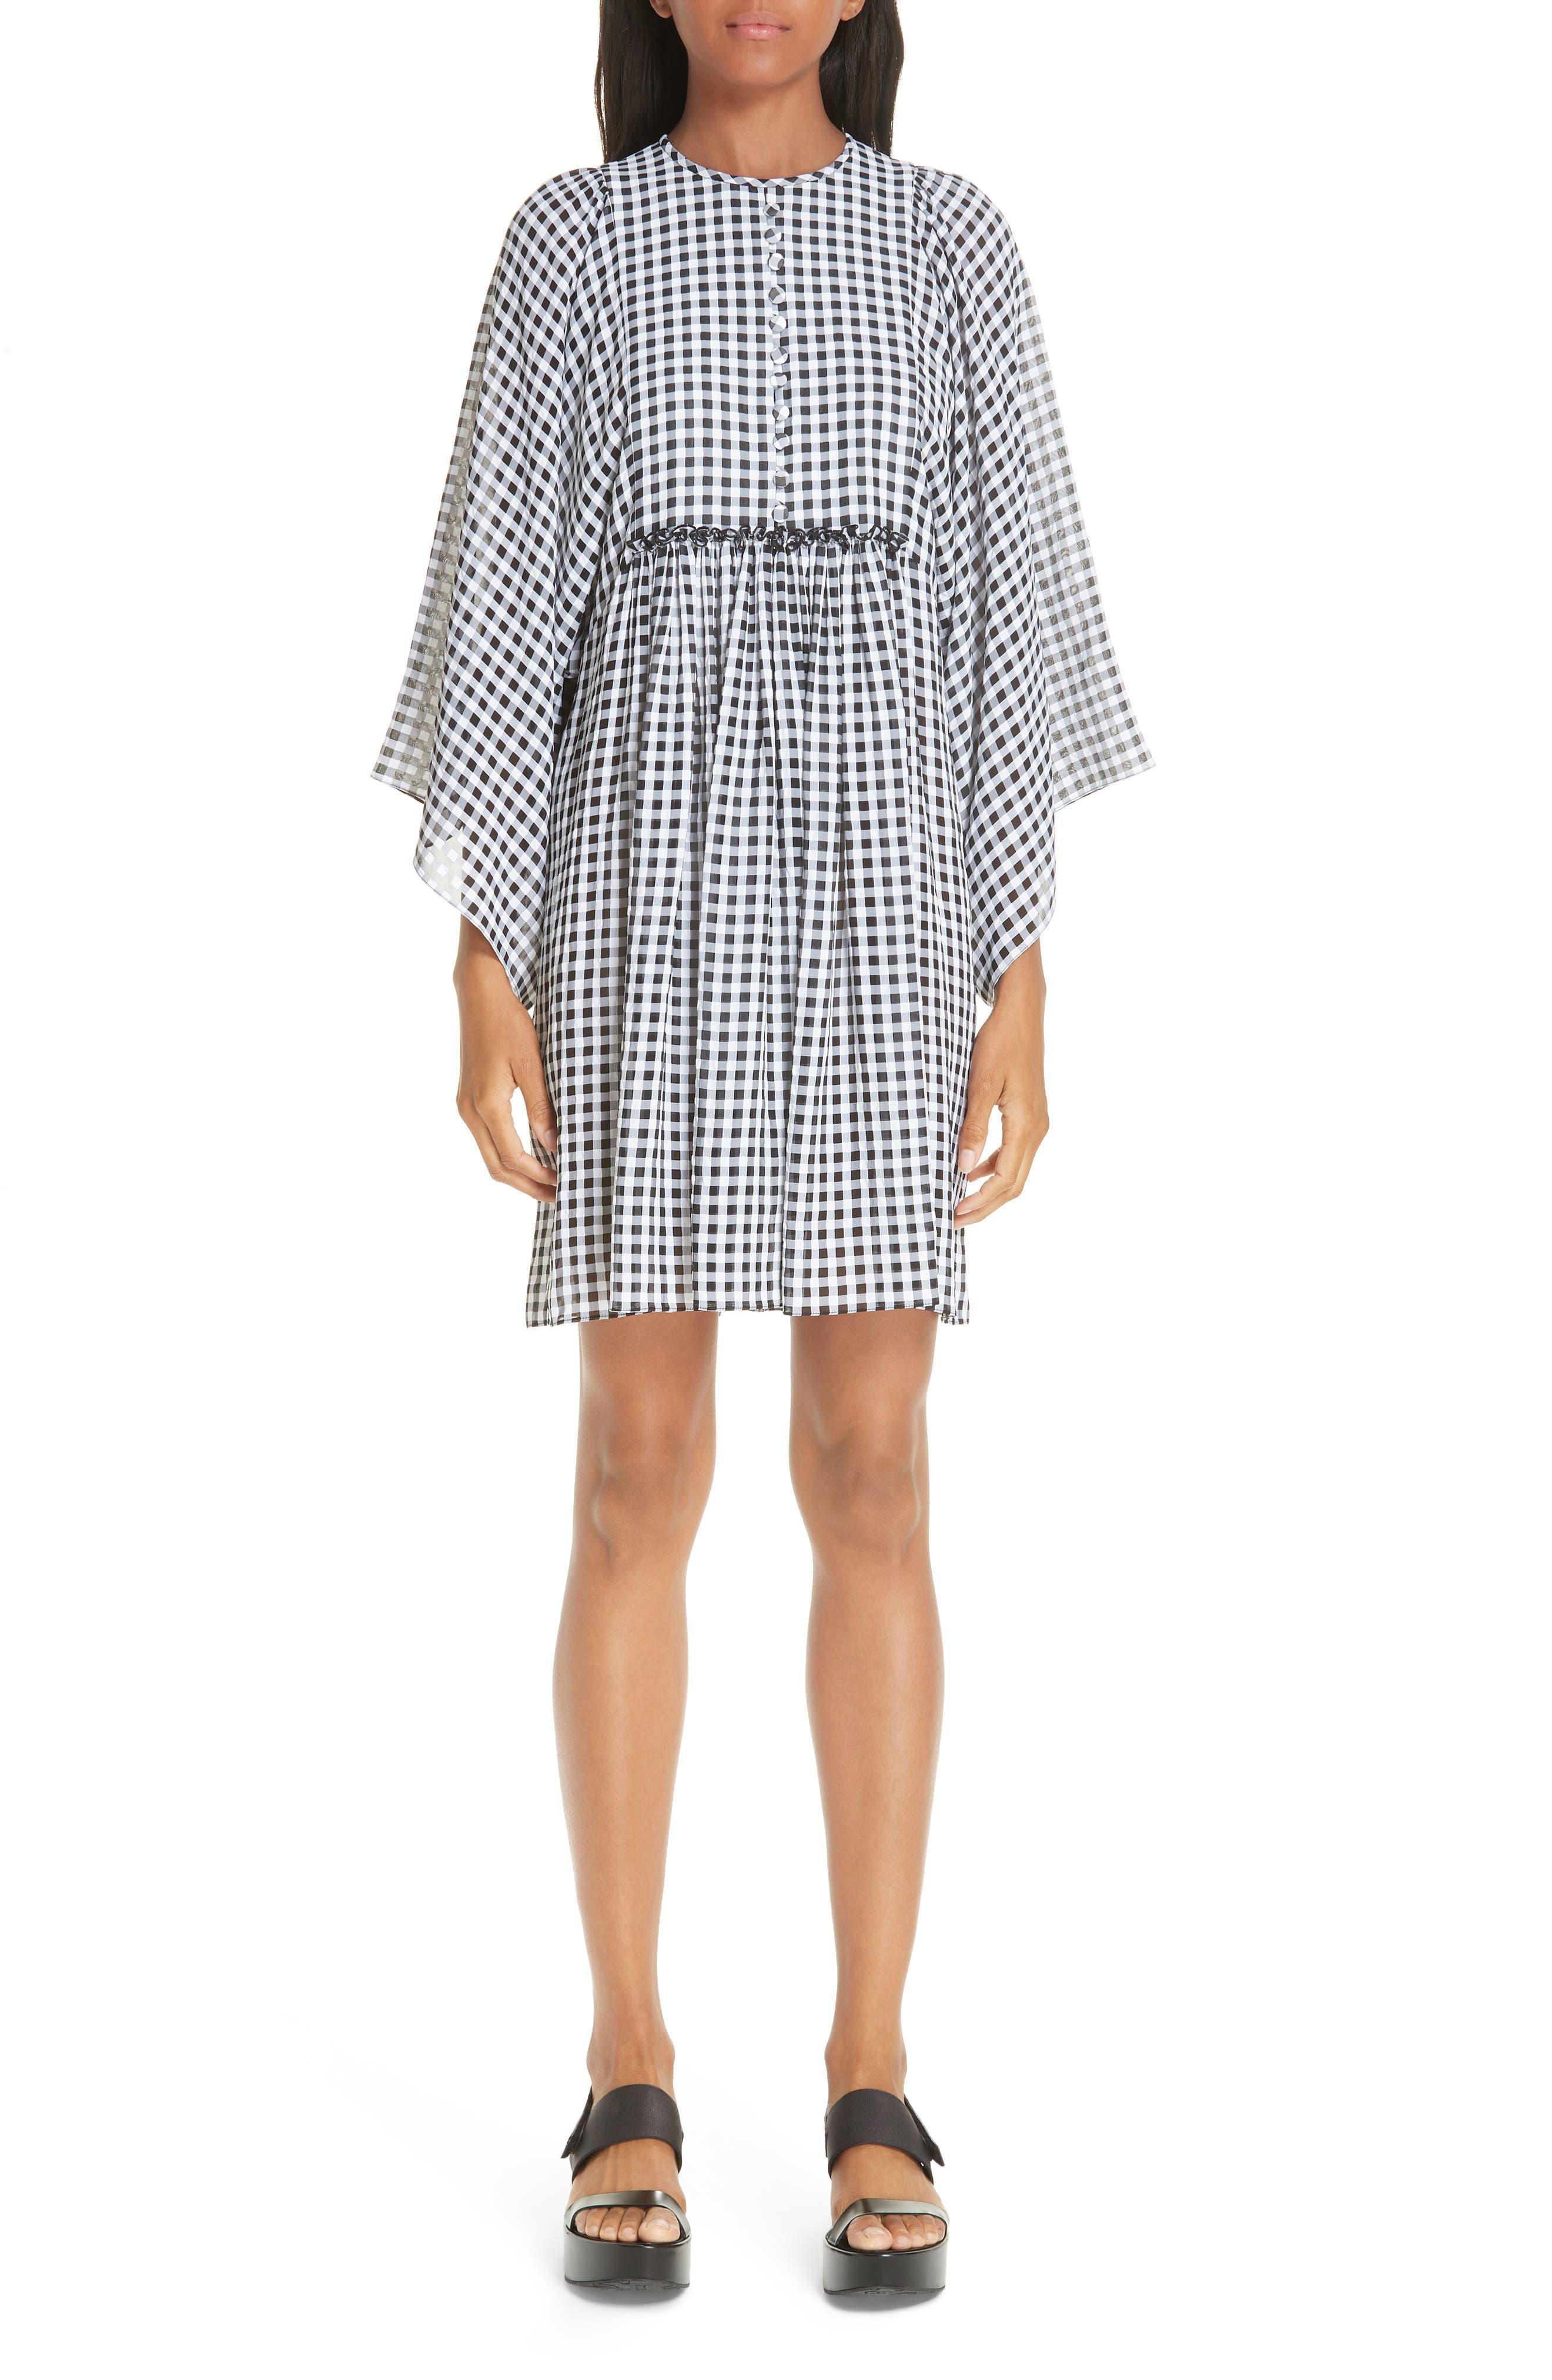 Michael Kors Gingham Seersucker Georgette Dress, Black